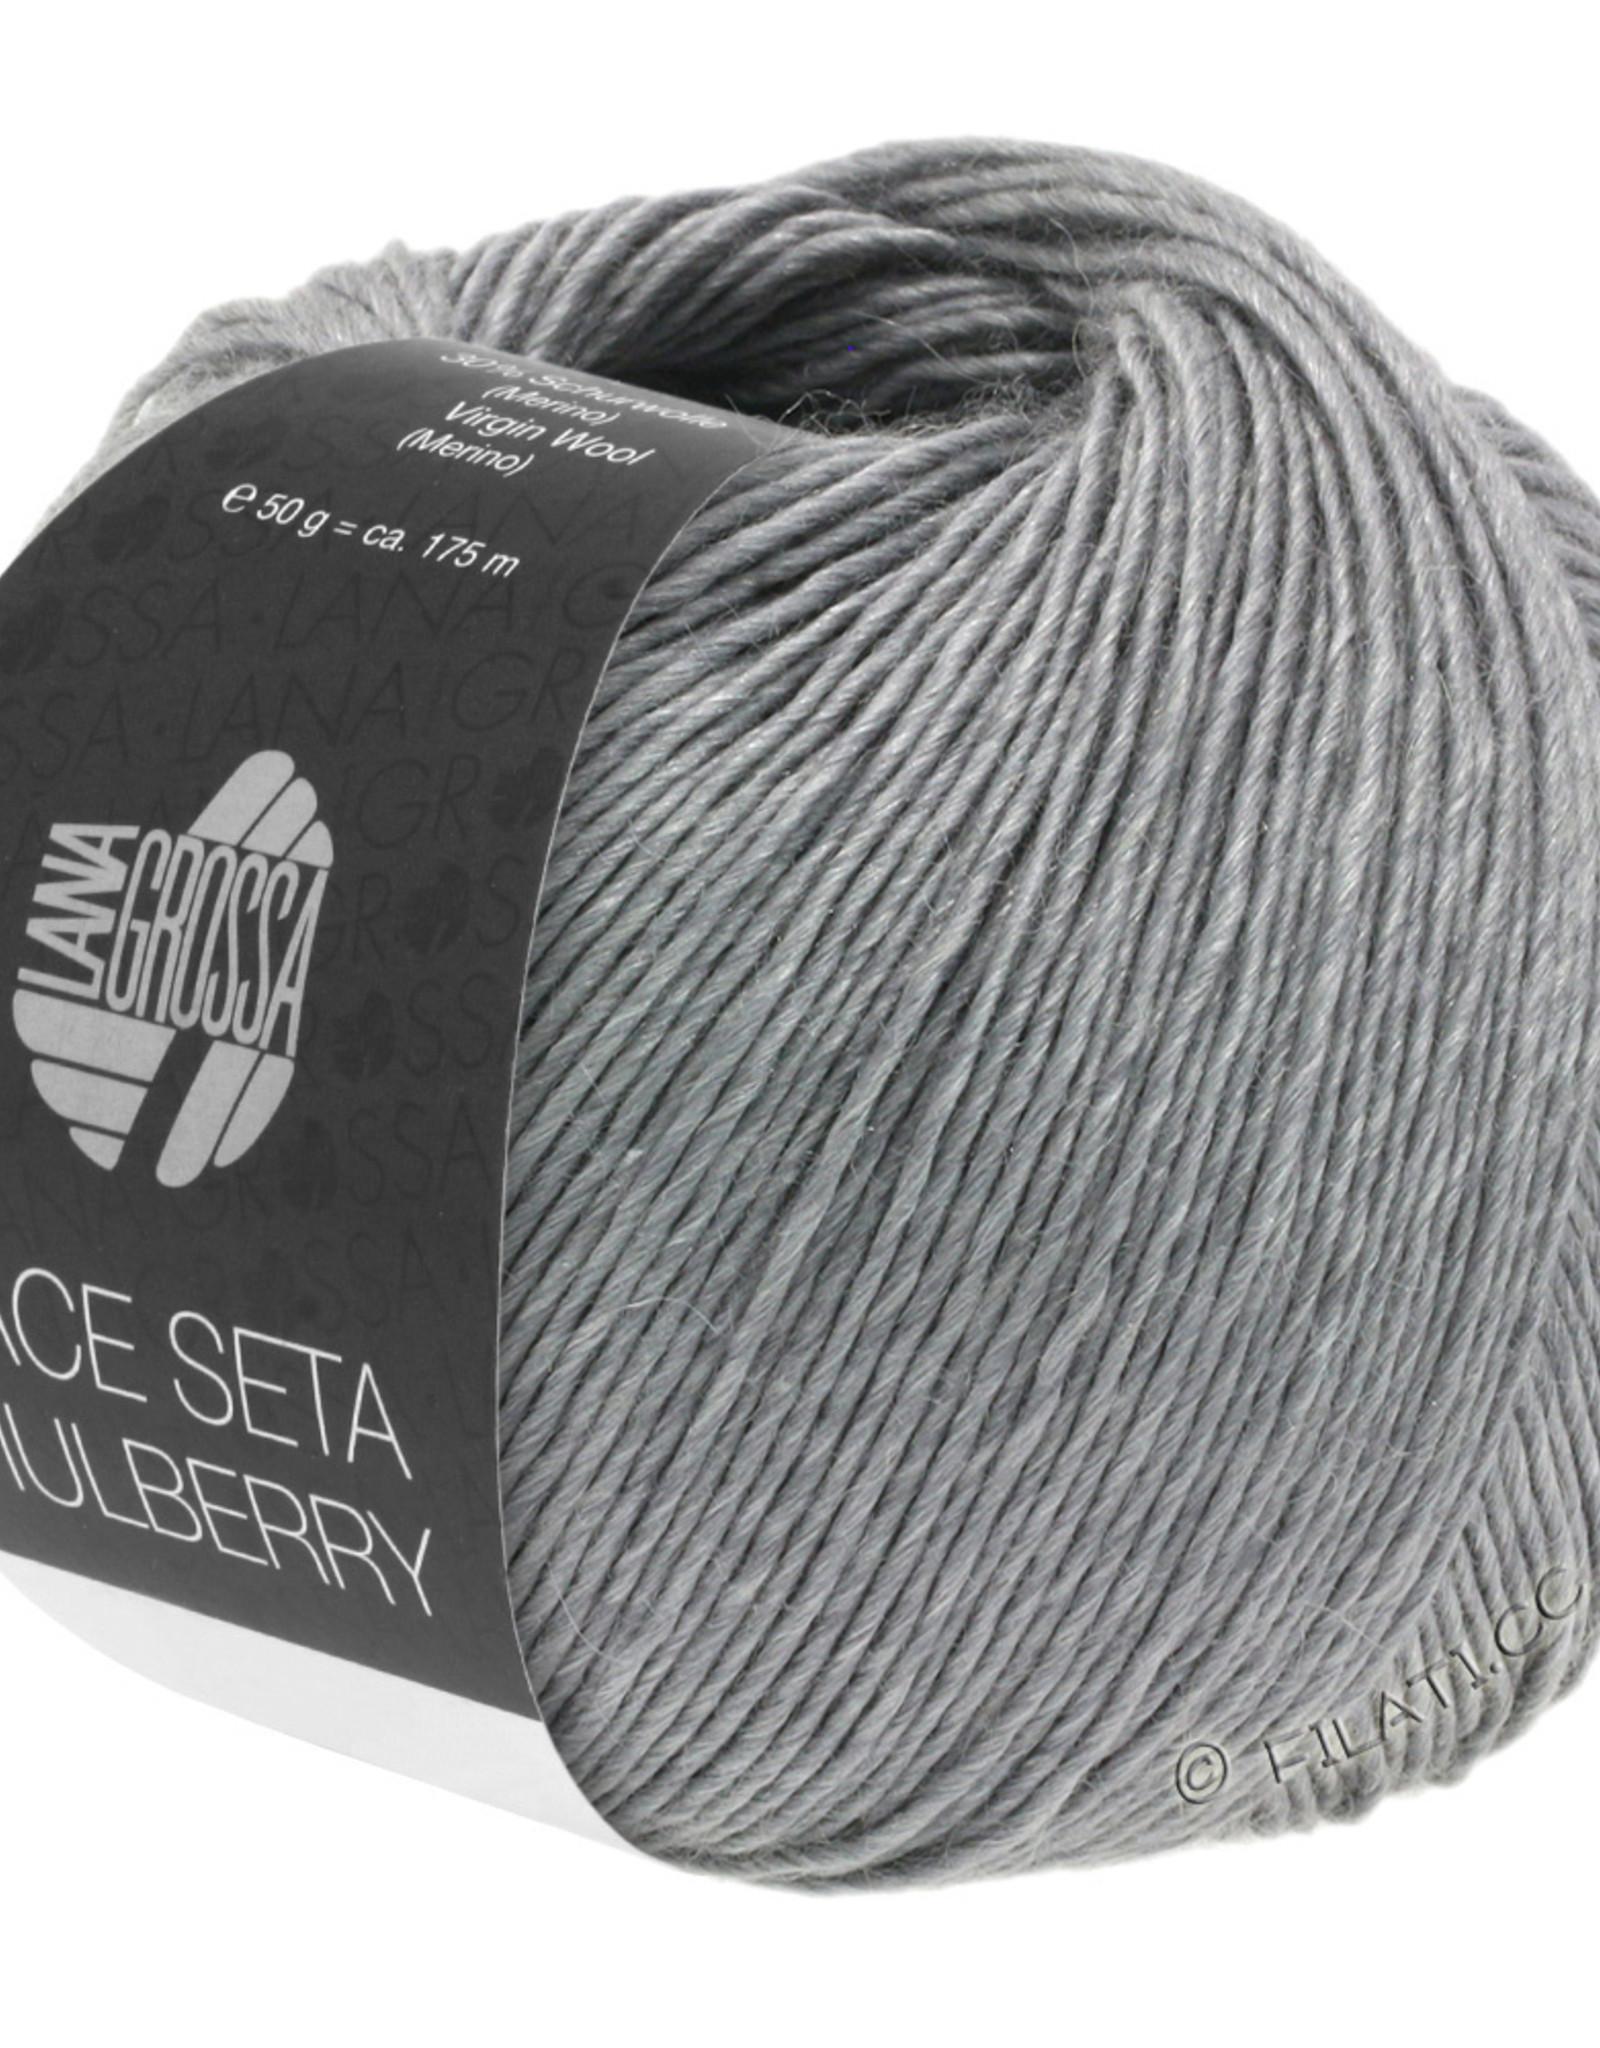 Lana Grossa Lace Seta Mulberry